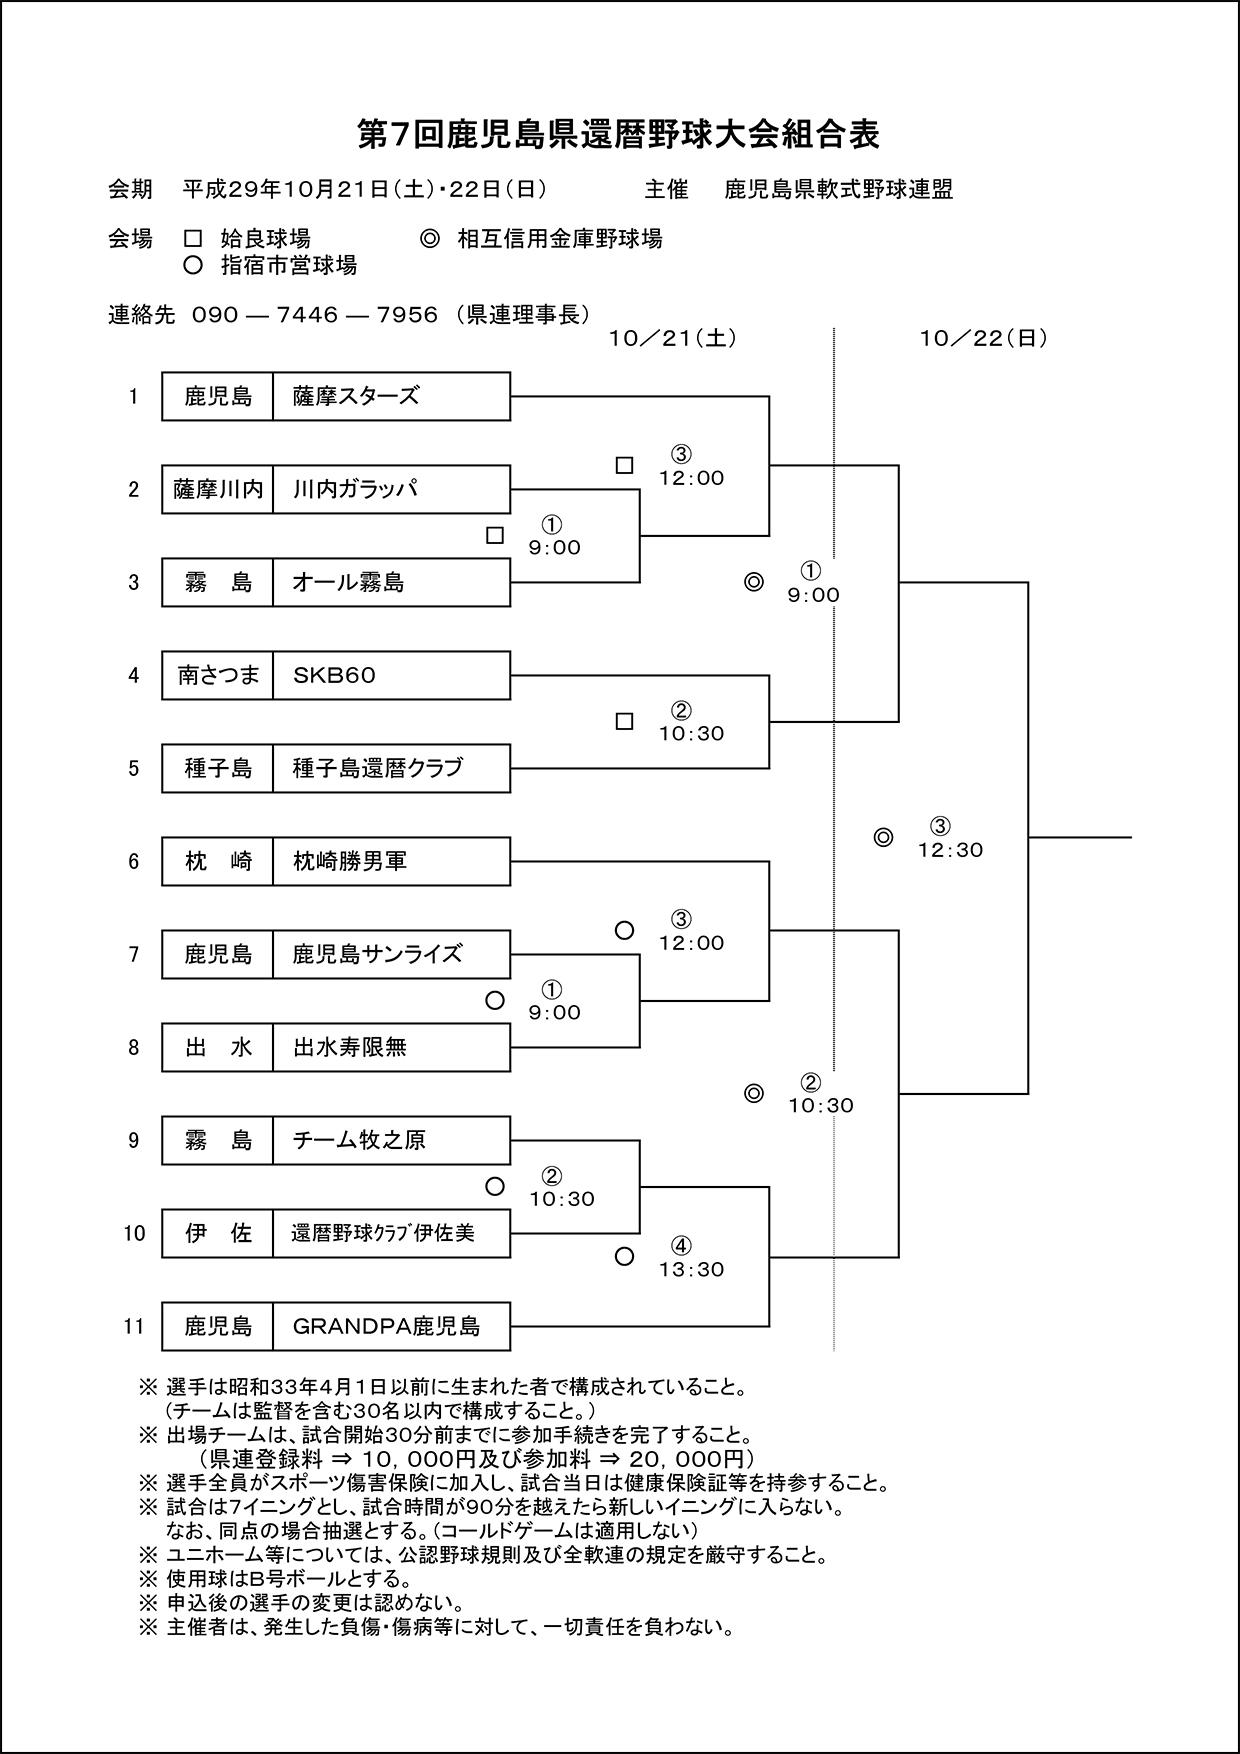 【組合せ】第7回鹿児島県還暦野球大会組合表